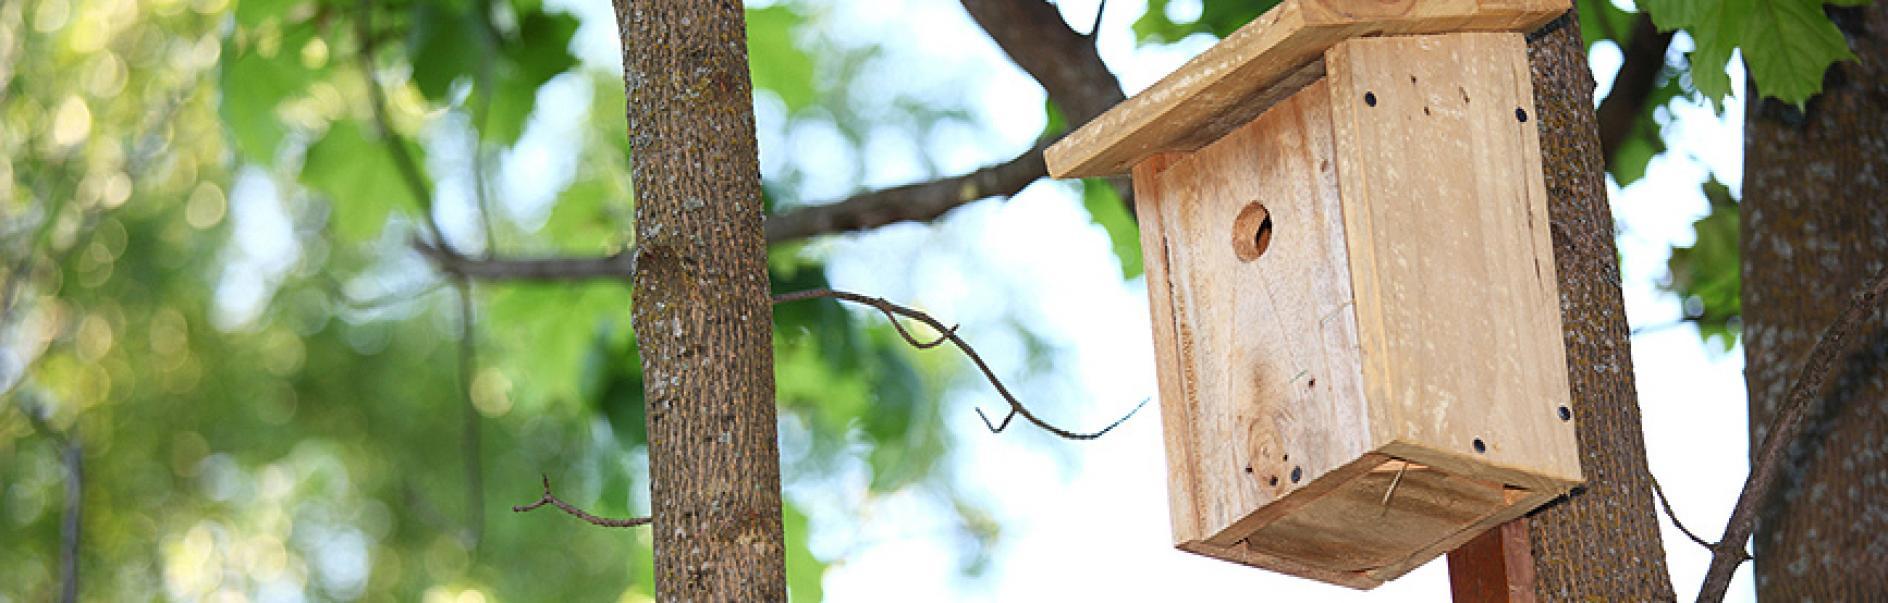 Bygg din egen f gelholk av tr - Casette per uccellini da costruire ...